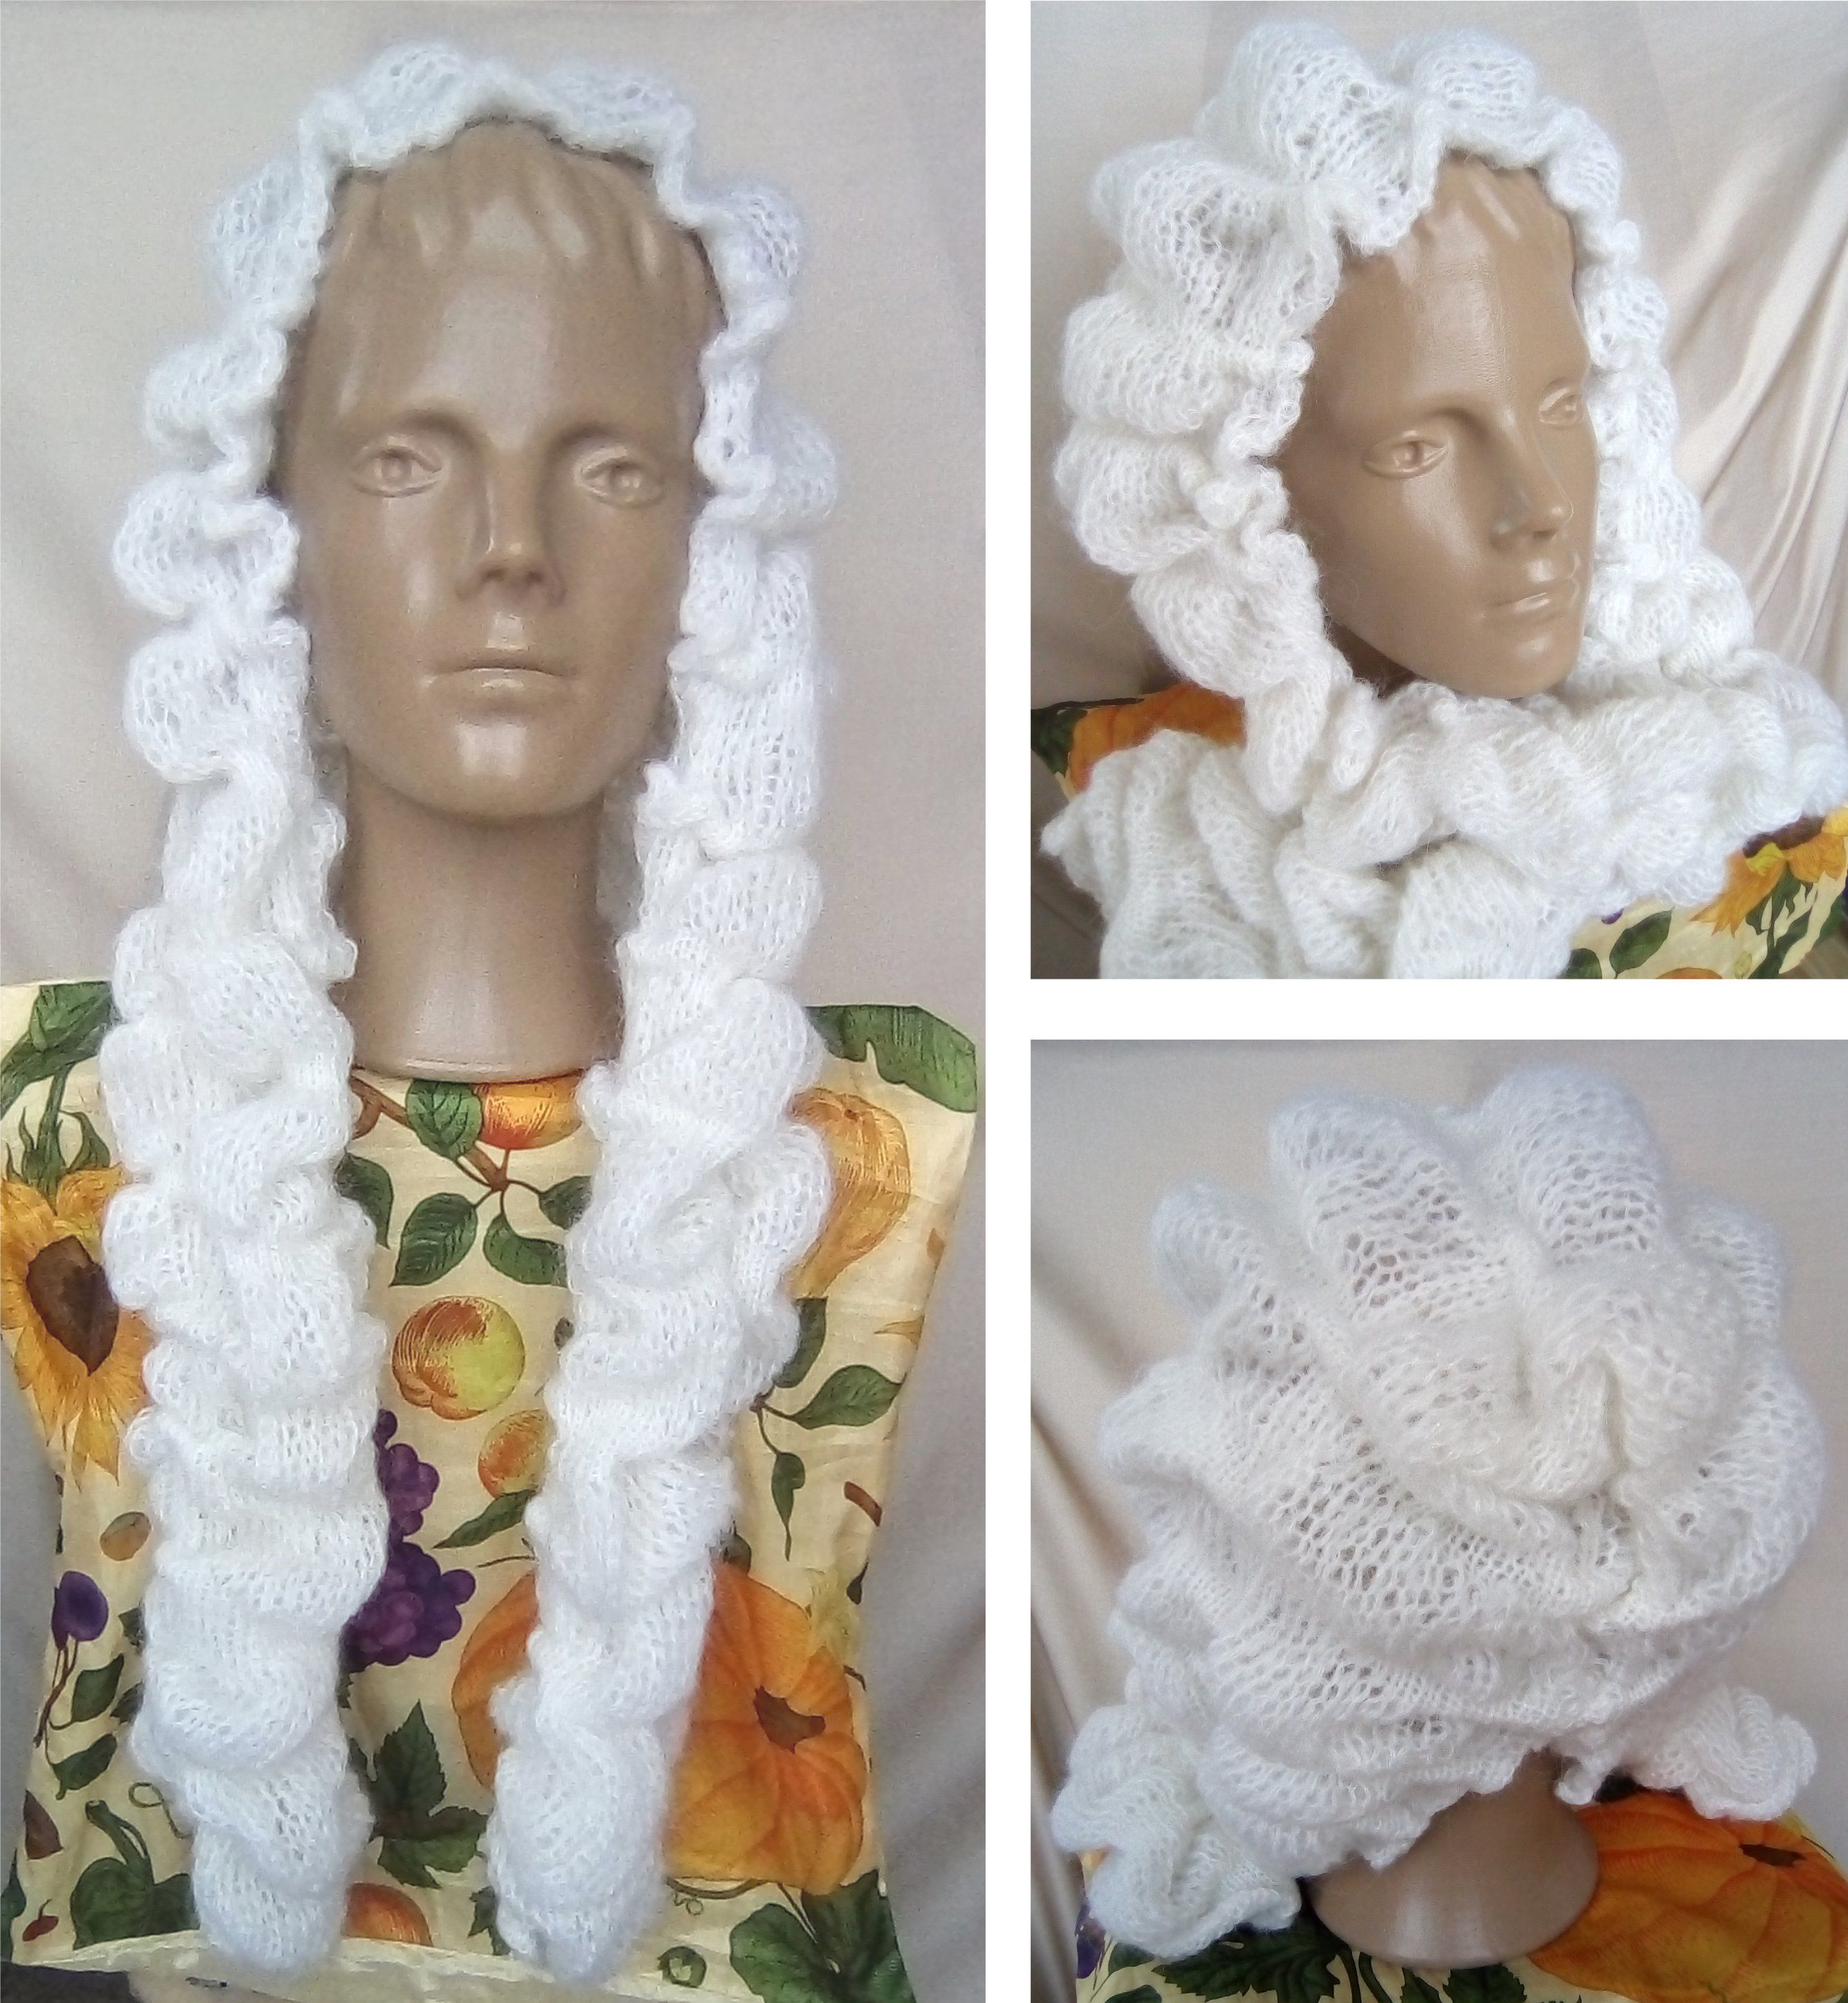 кидмохер модный зимняя knitted cup cap wig hood шапочка для убор головной парик капюшон шапка теплая снуд дизайнерская аксессуар женщин вязаный